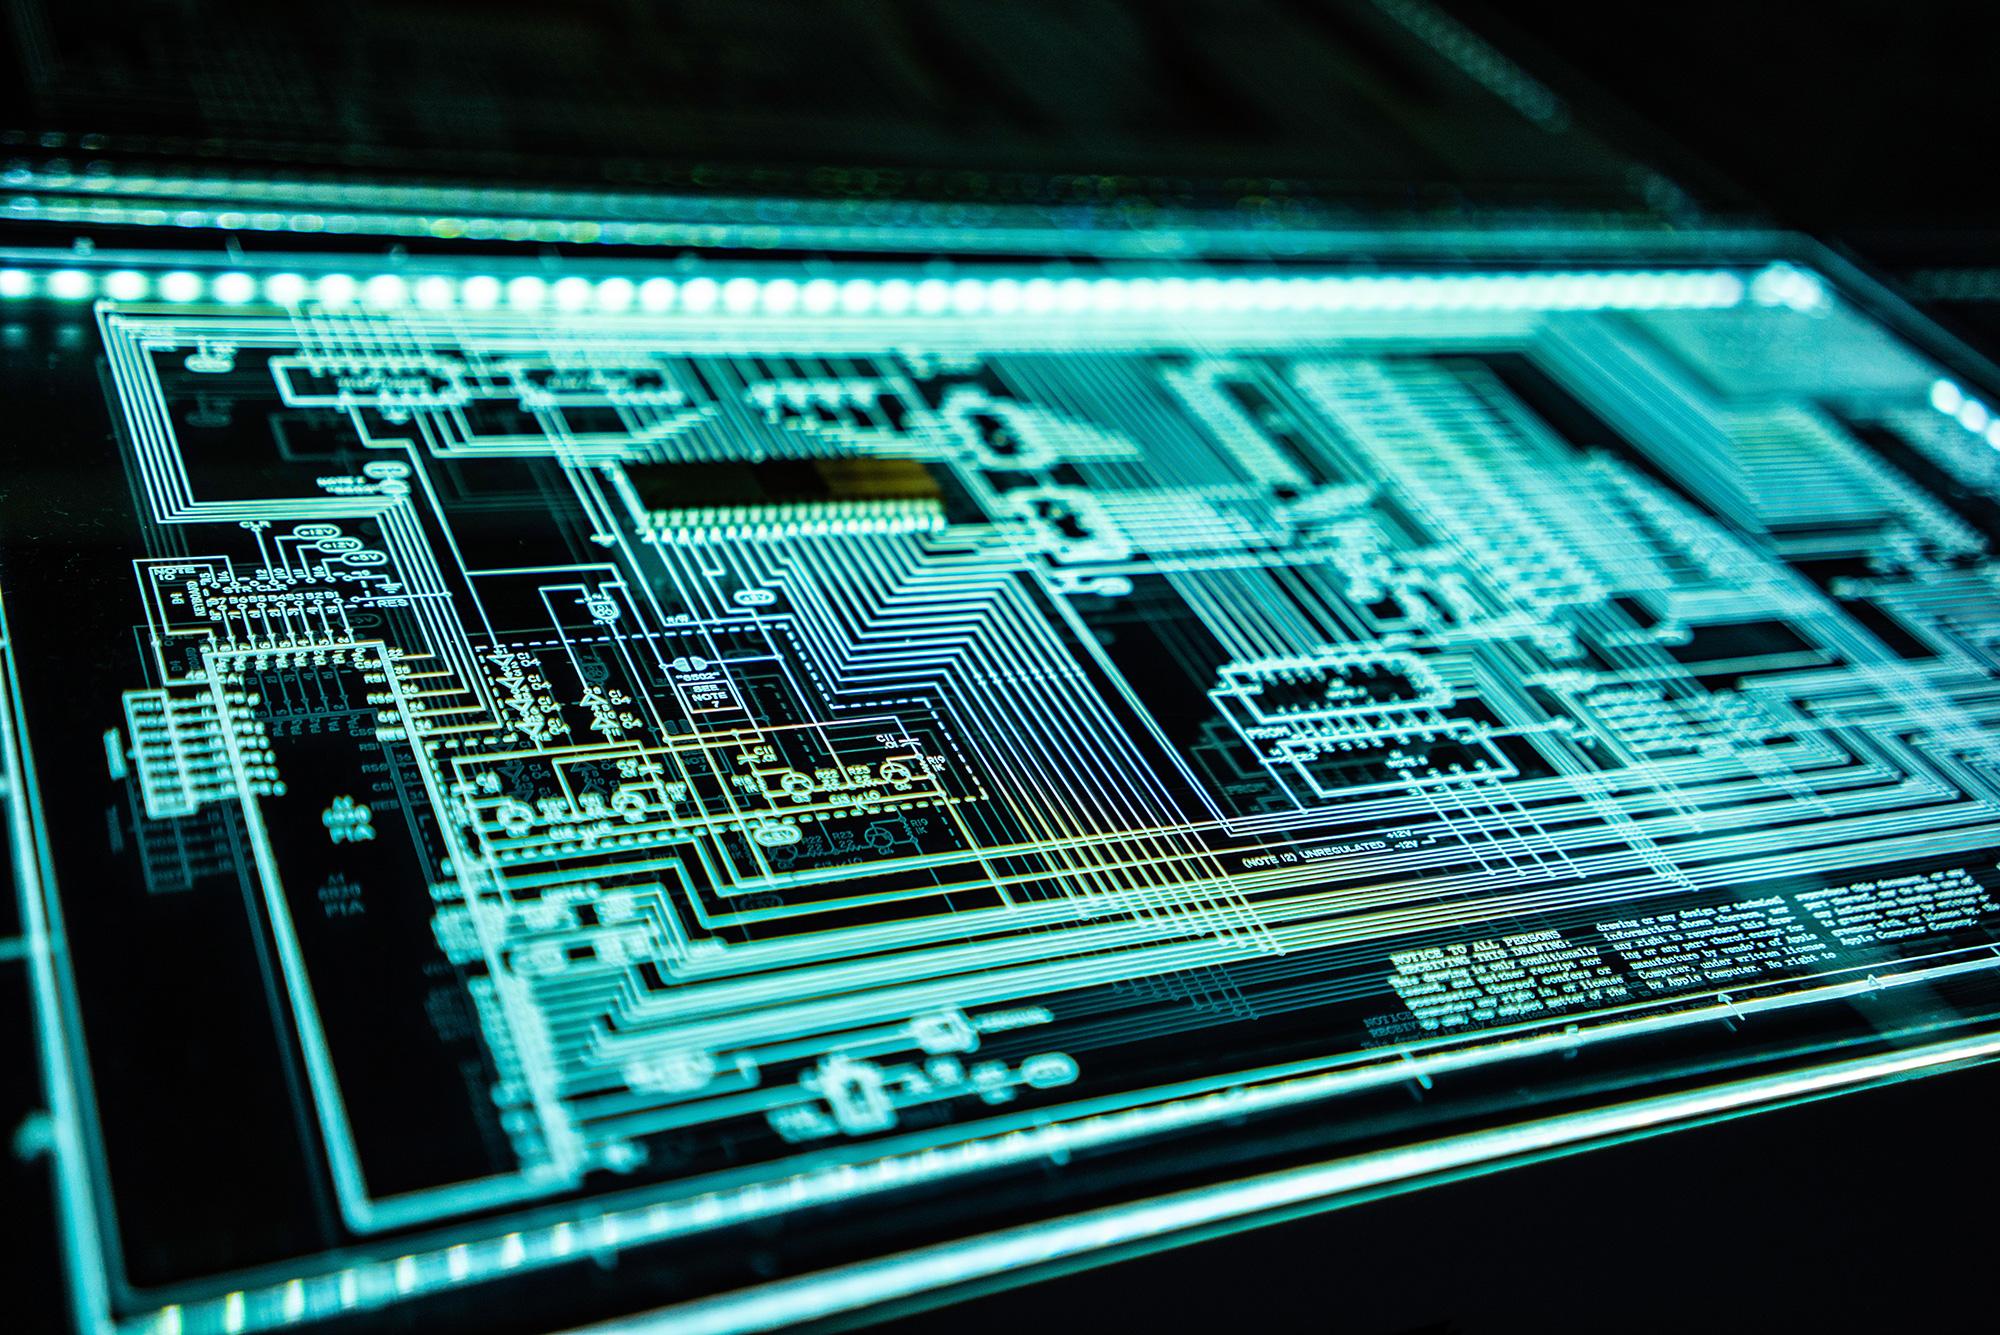 Kostu txikiko Tag erdi-pasibo baten diseinua, garapena eta fabrikazioa, RFID batean integratutako bateria inprimagarri batekin